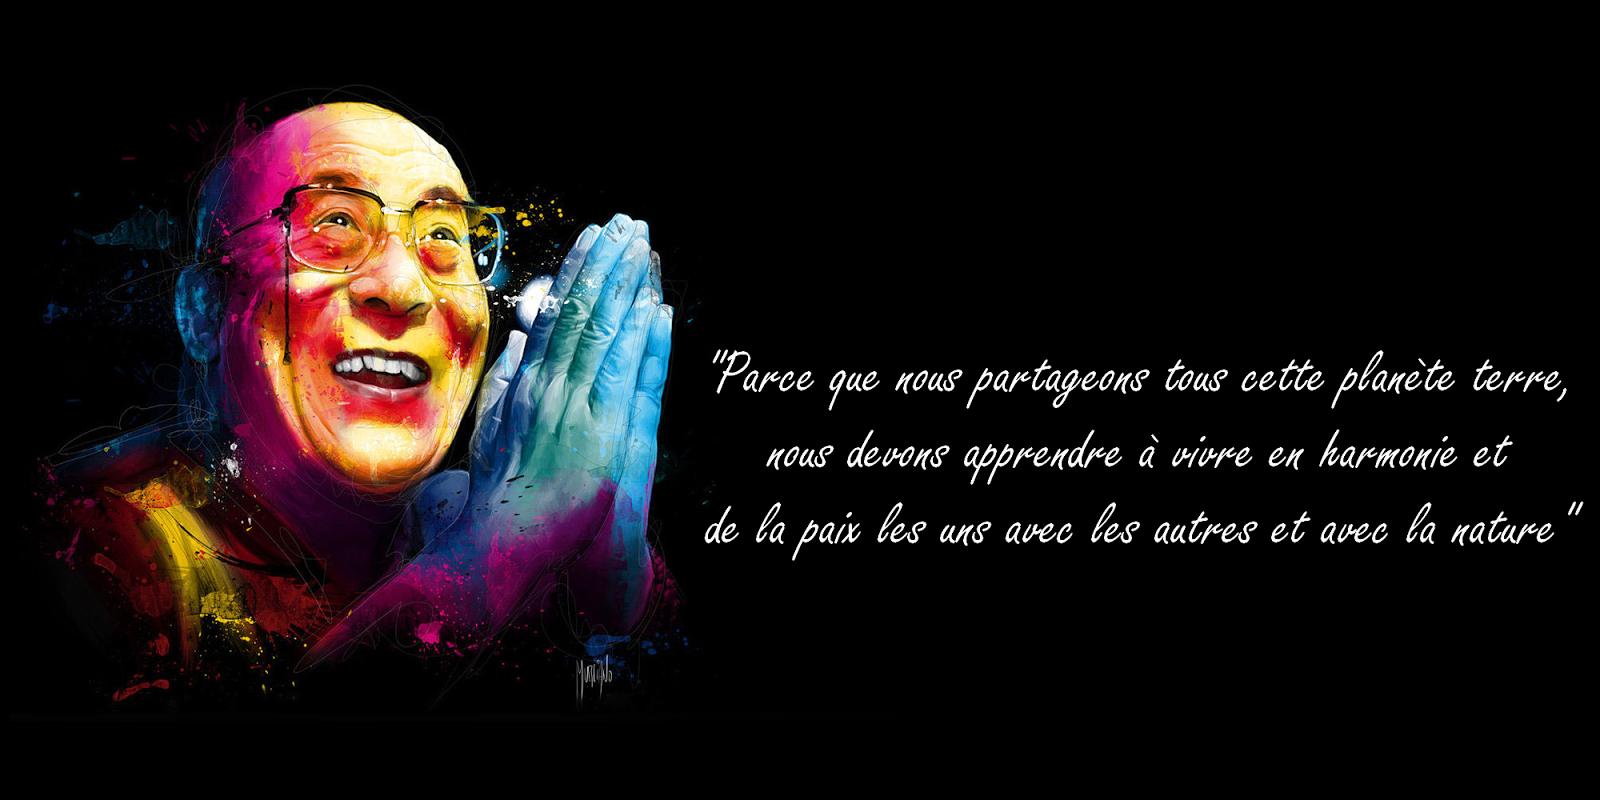 dalai lama12